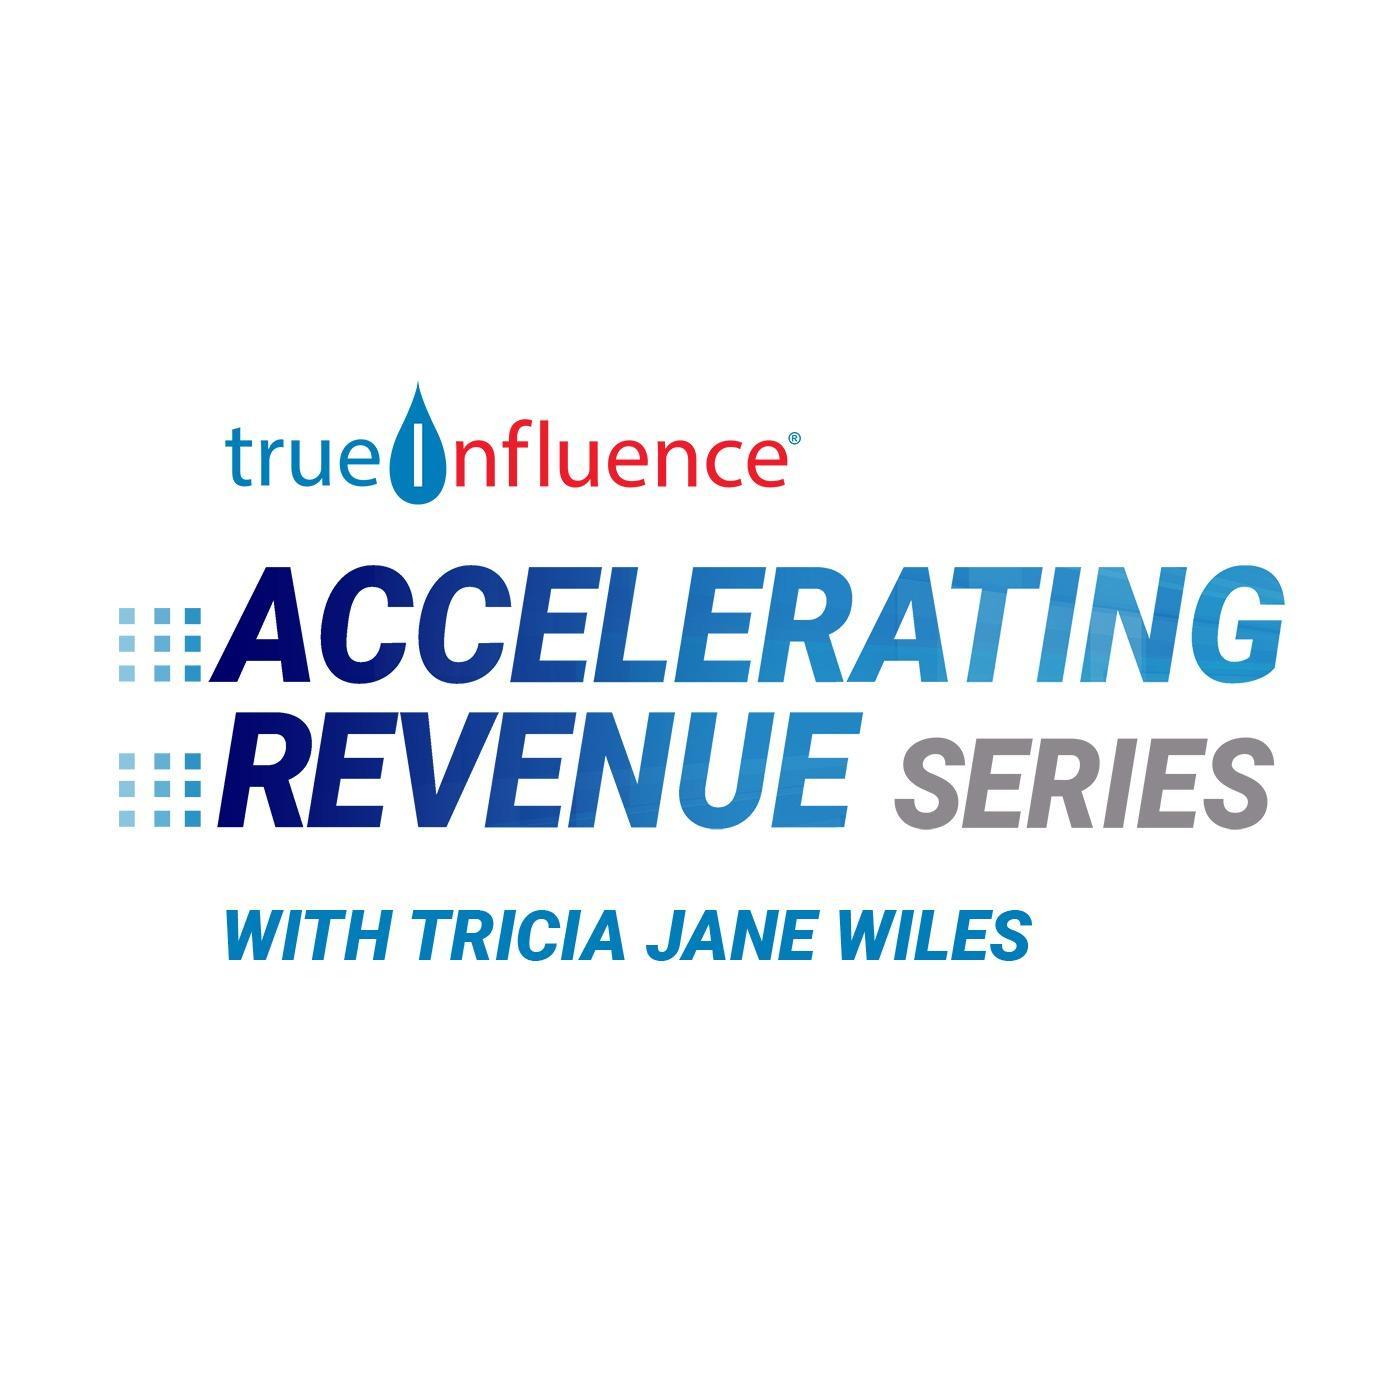 Accelerating Revenue Series